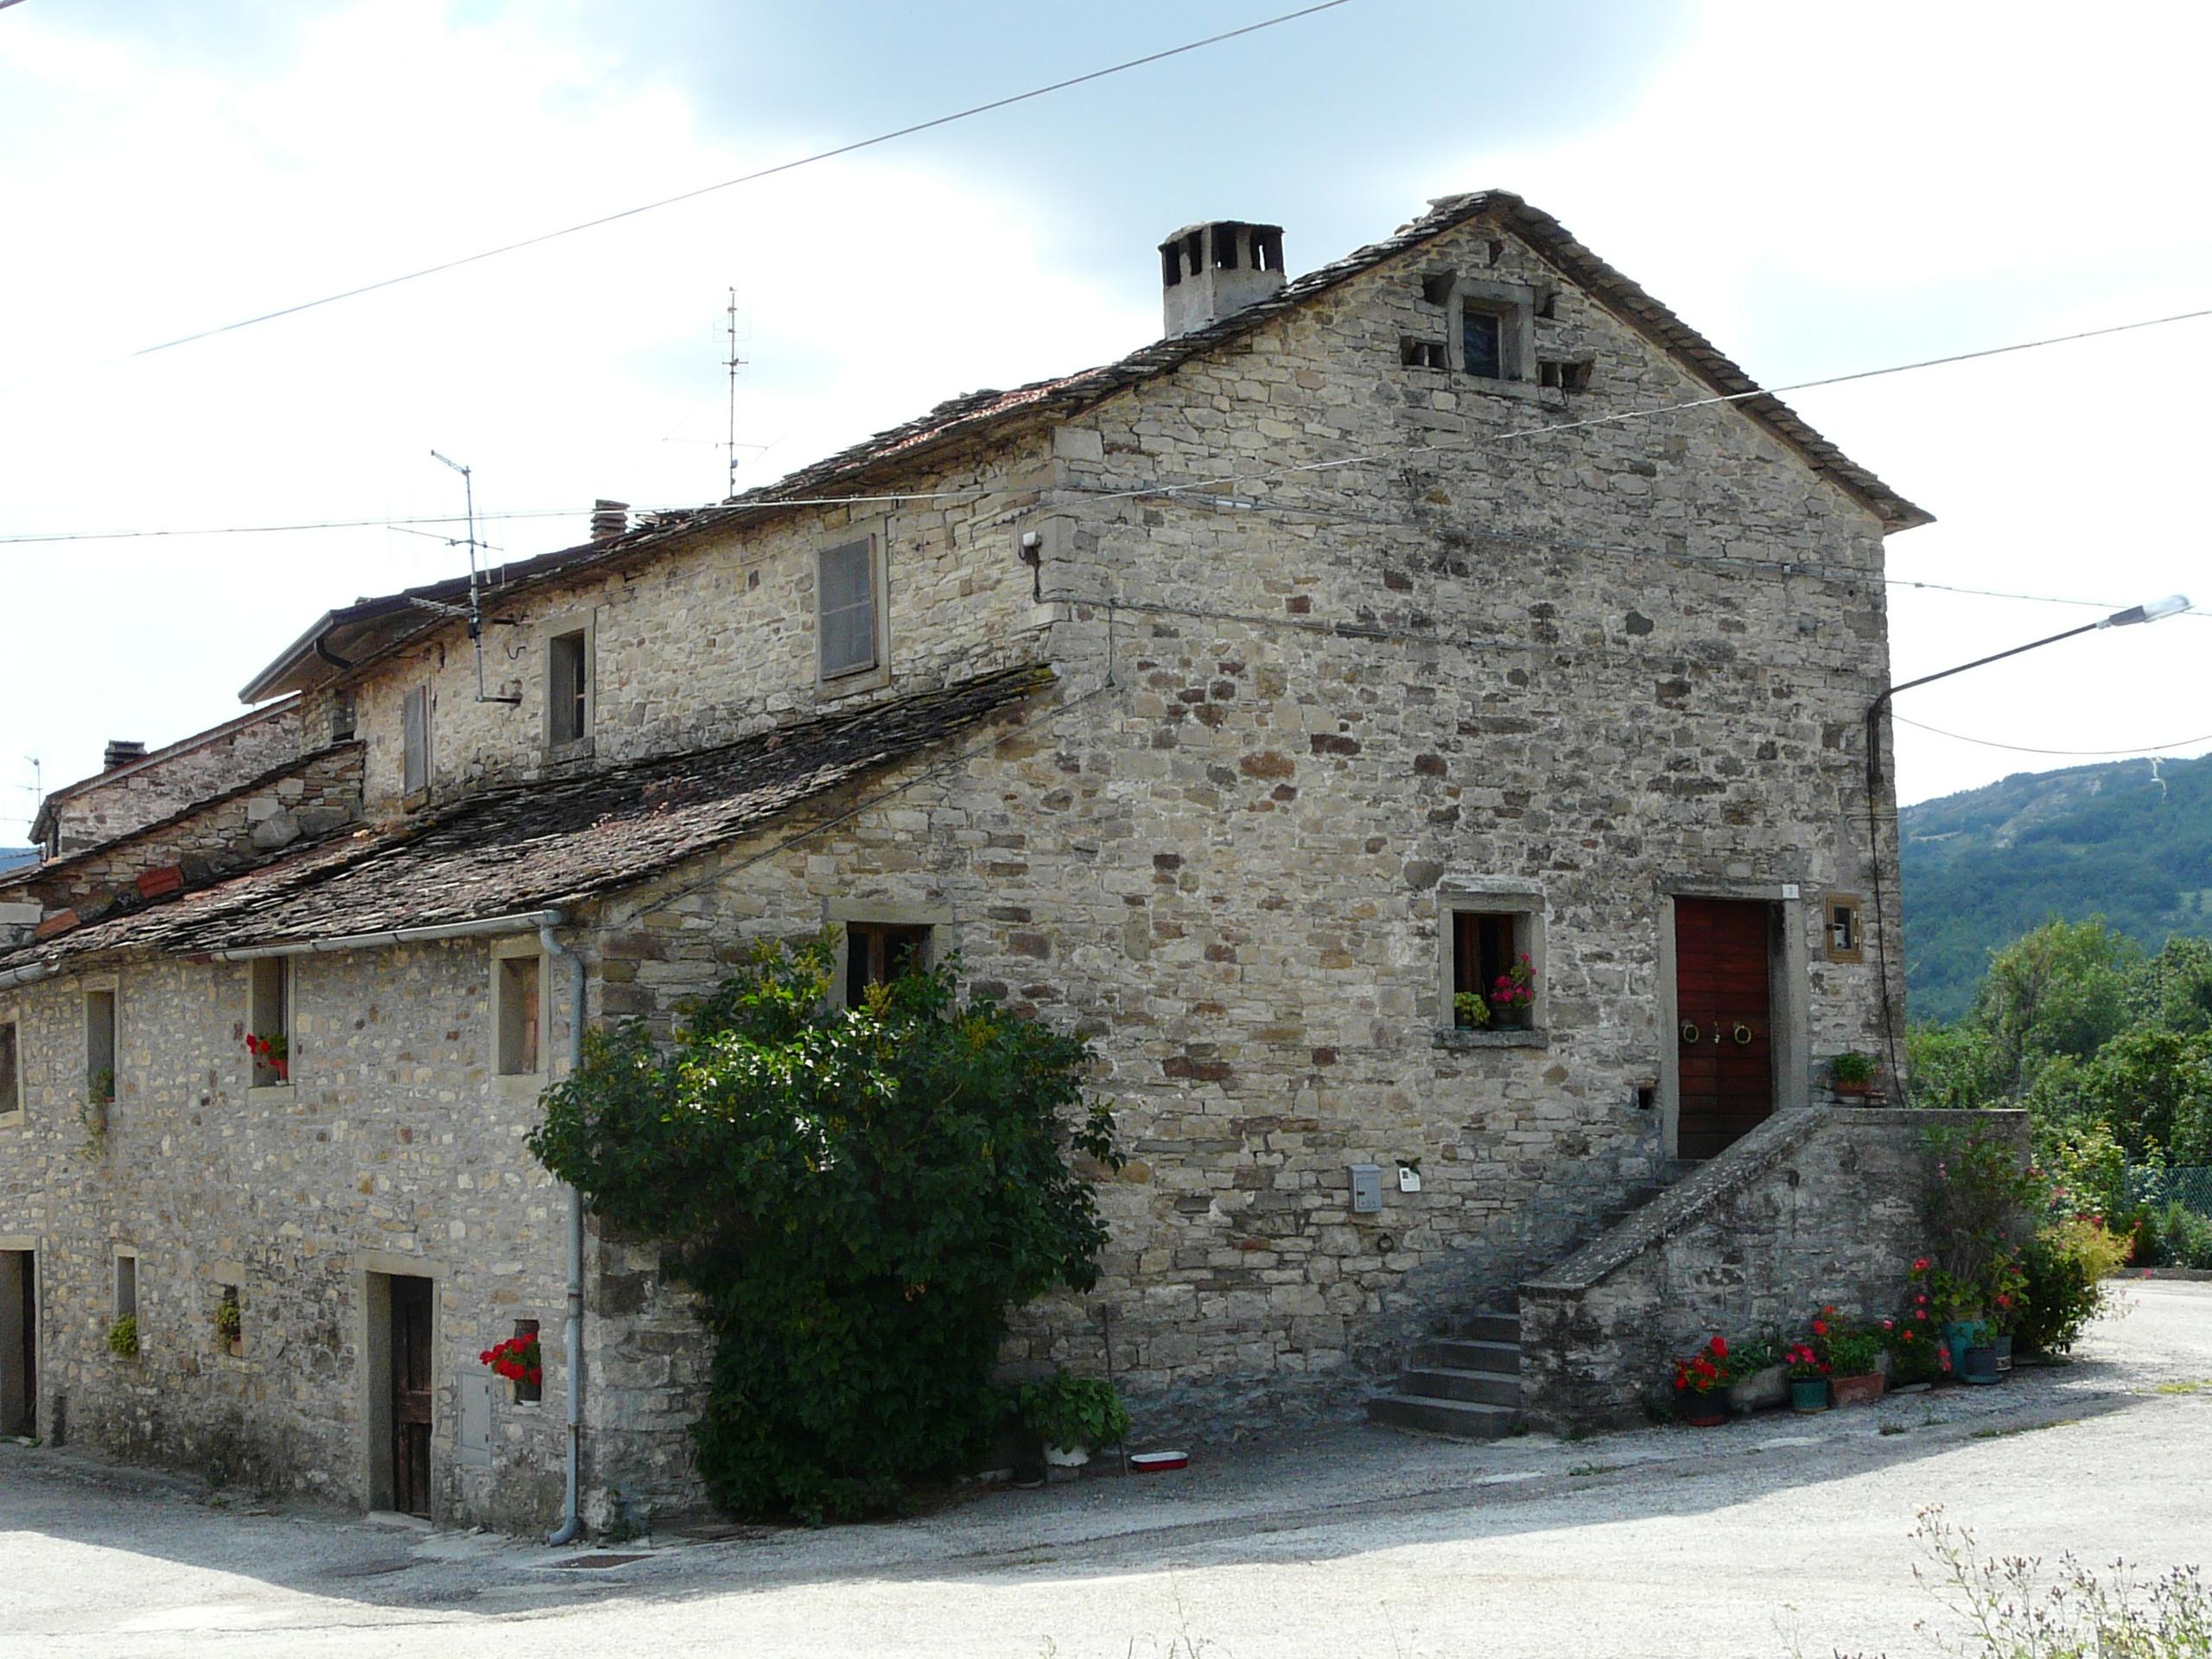 File:Casteldelci - Casa Pietra Poggio Ancisa.JPG - Wikimedia Commons